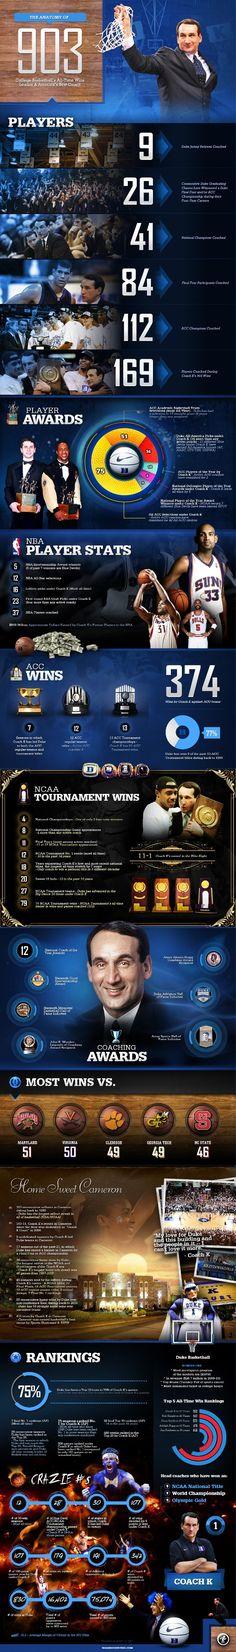 Duke Basketball Infographic